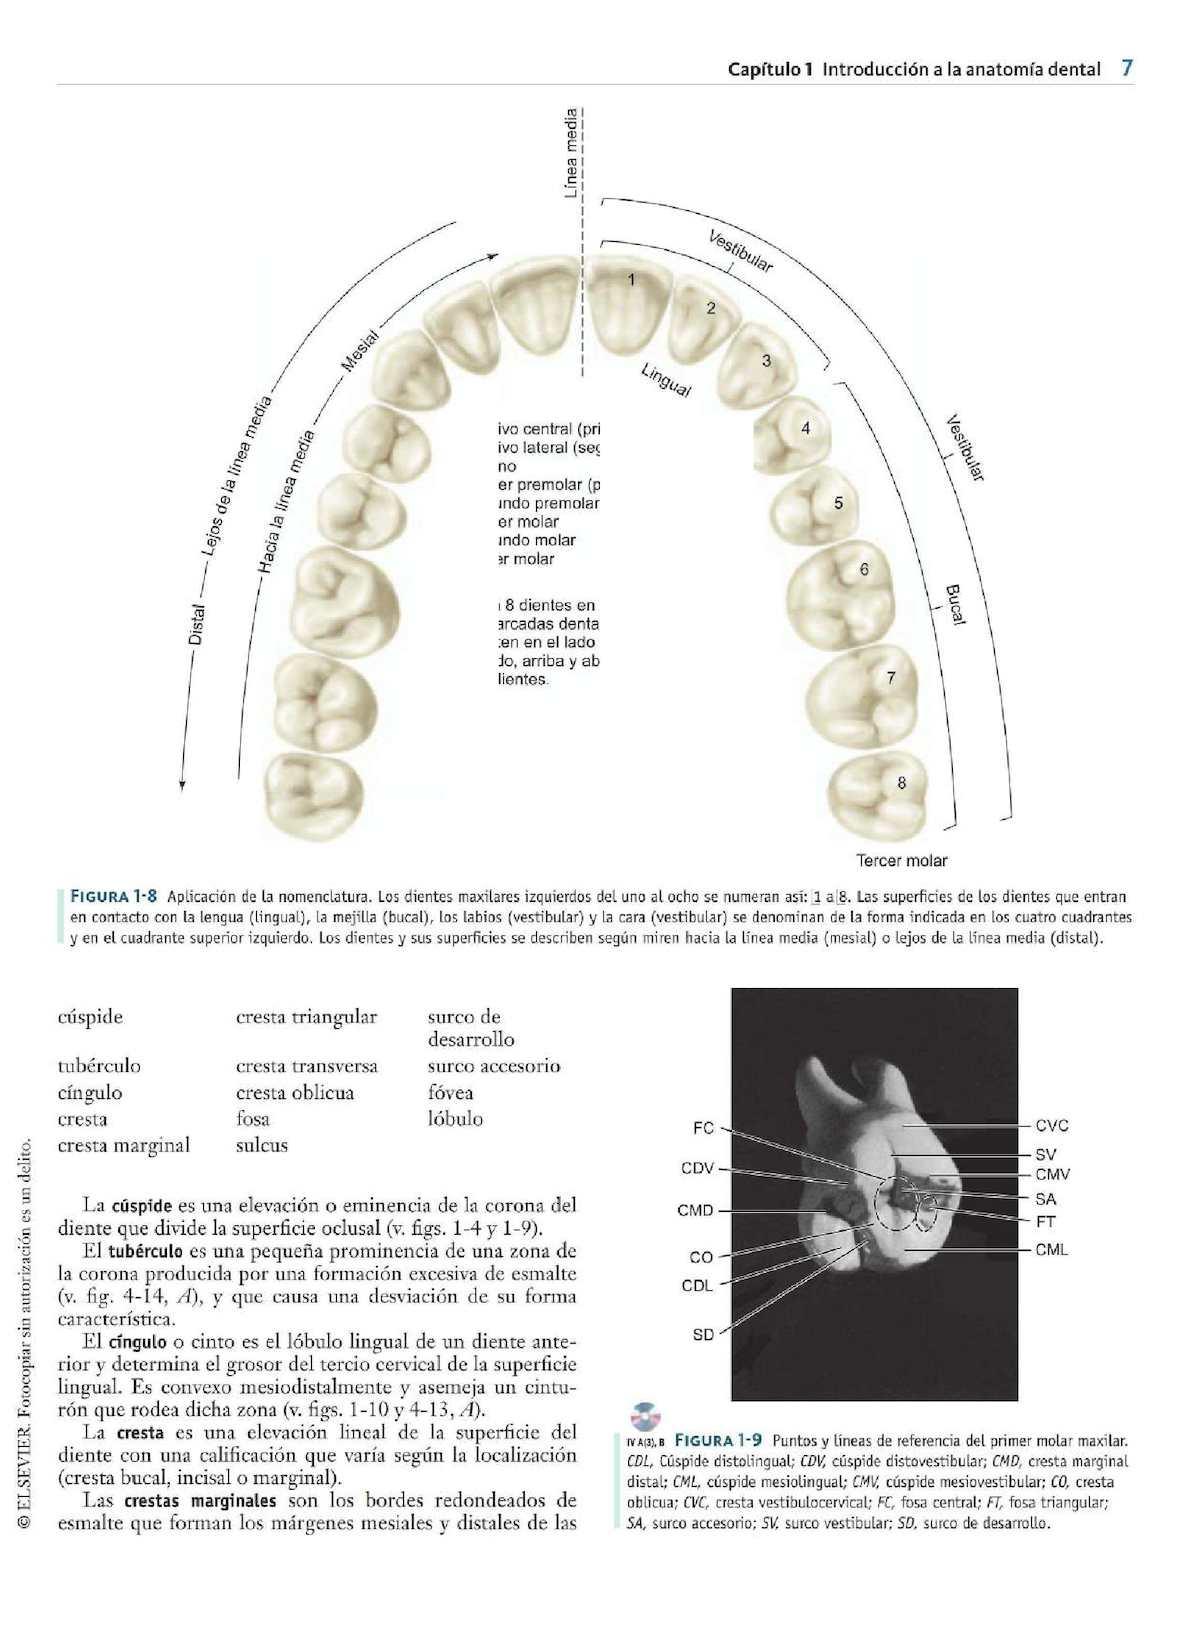 Atractivo Anatomía Del Diente Molar Imagen - Imágenes de Anatomía ...